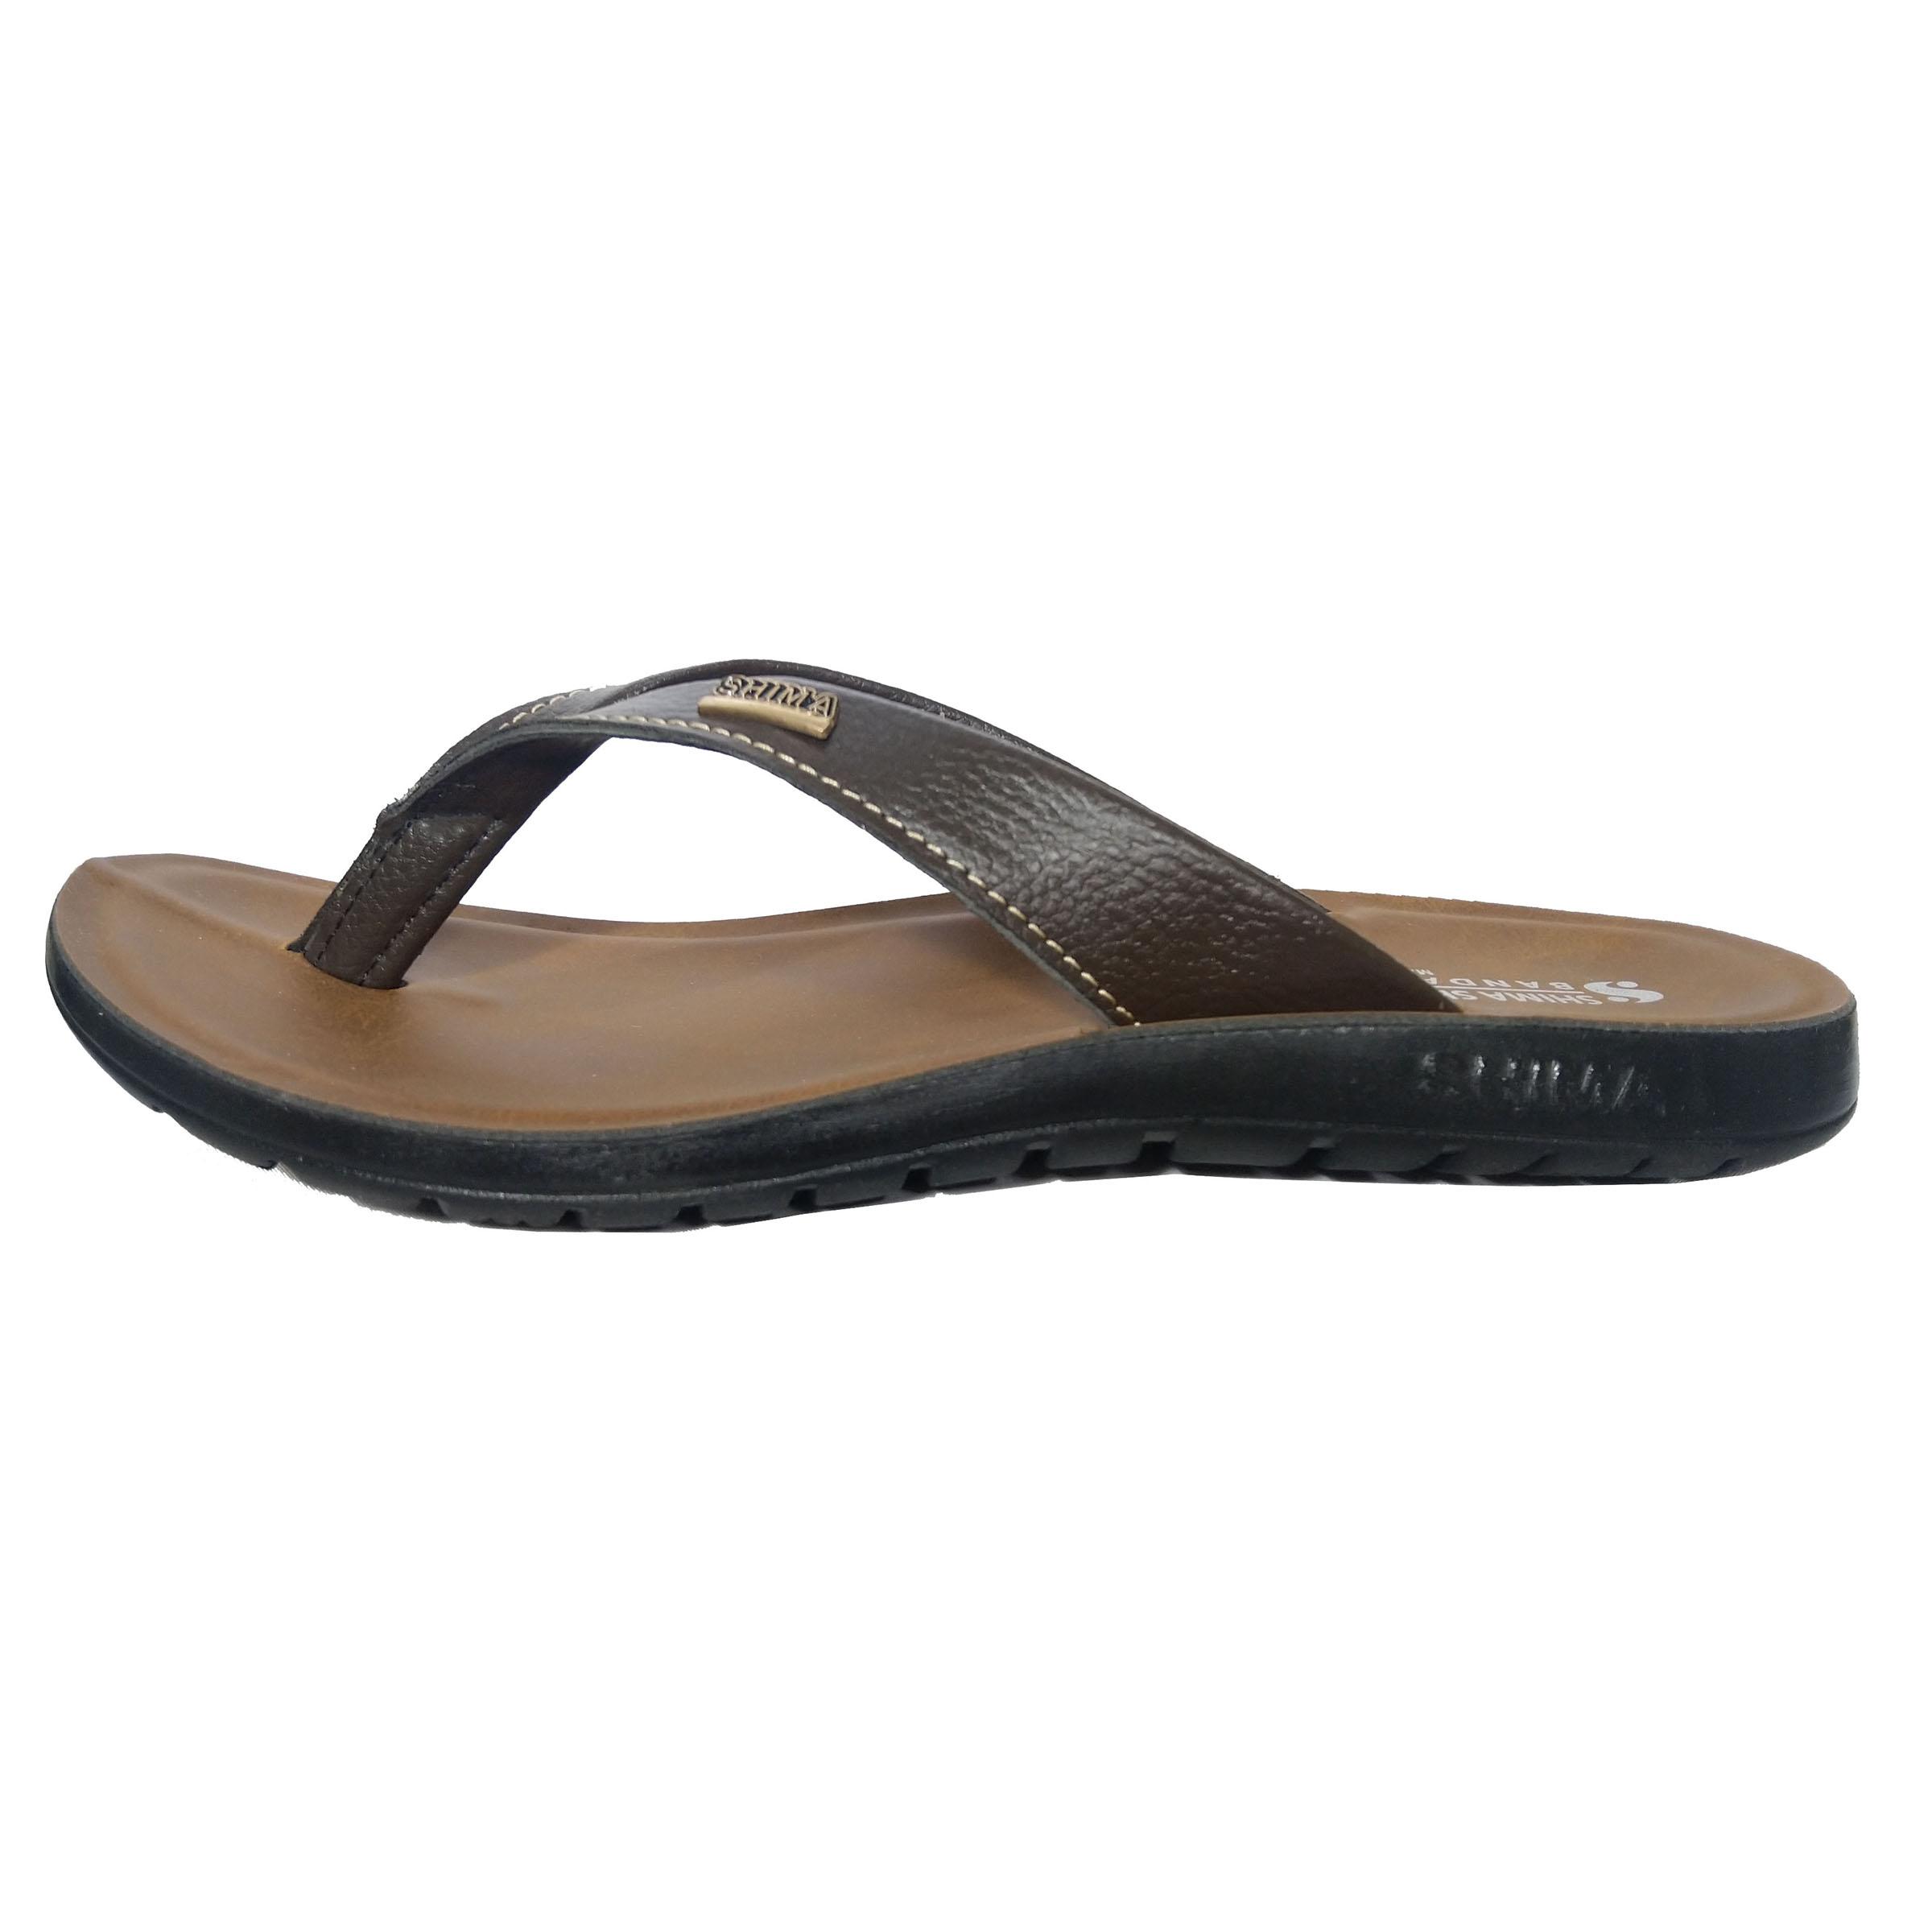 دمپایی لا انگشتی مردانه کفش شیما مدل بندری کد 04 رنگ قهوه  ای